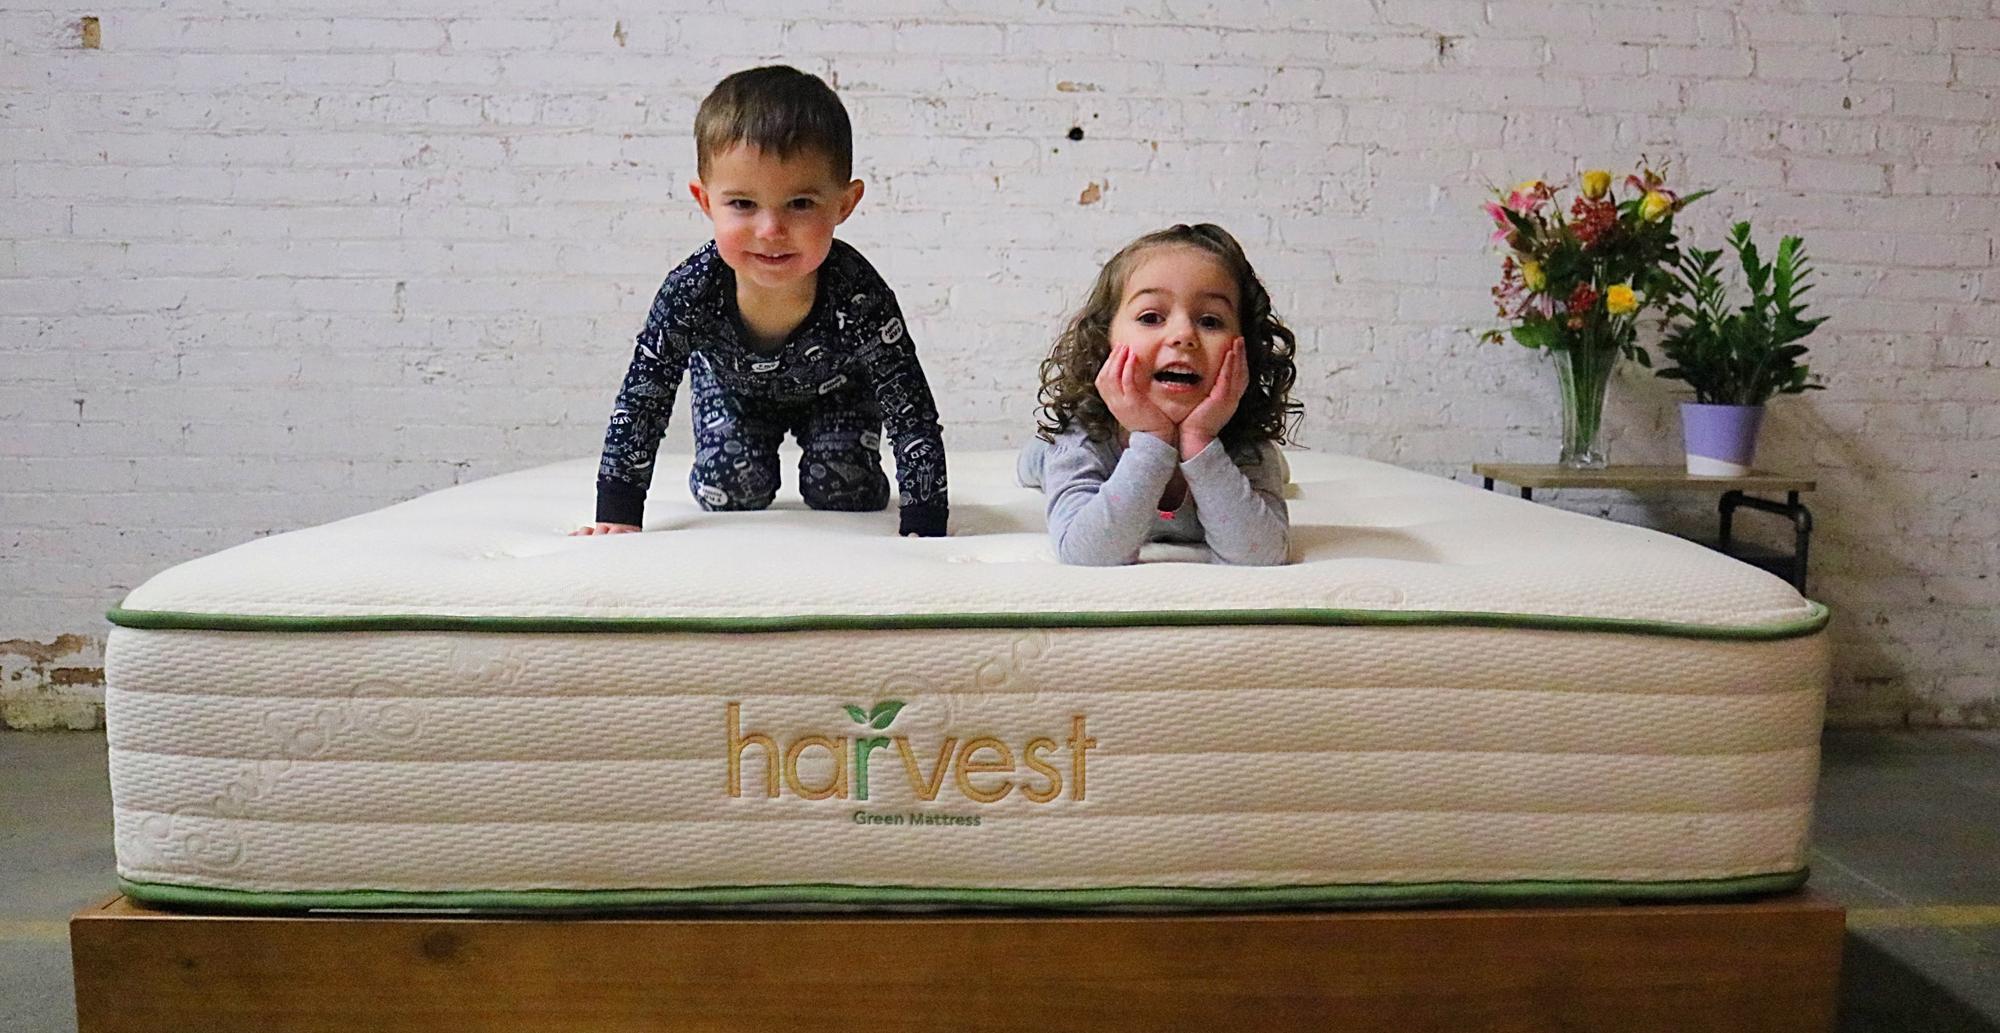 Kids on a Harvest Mattress